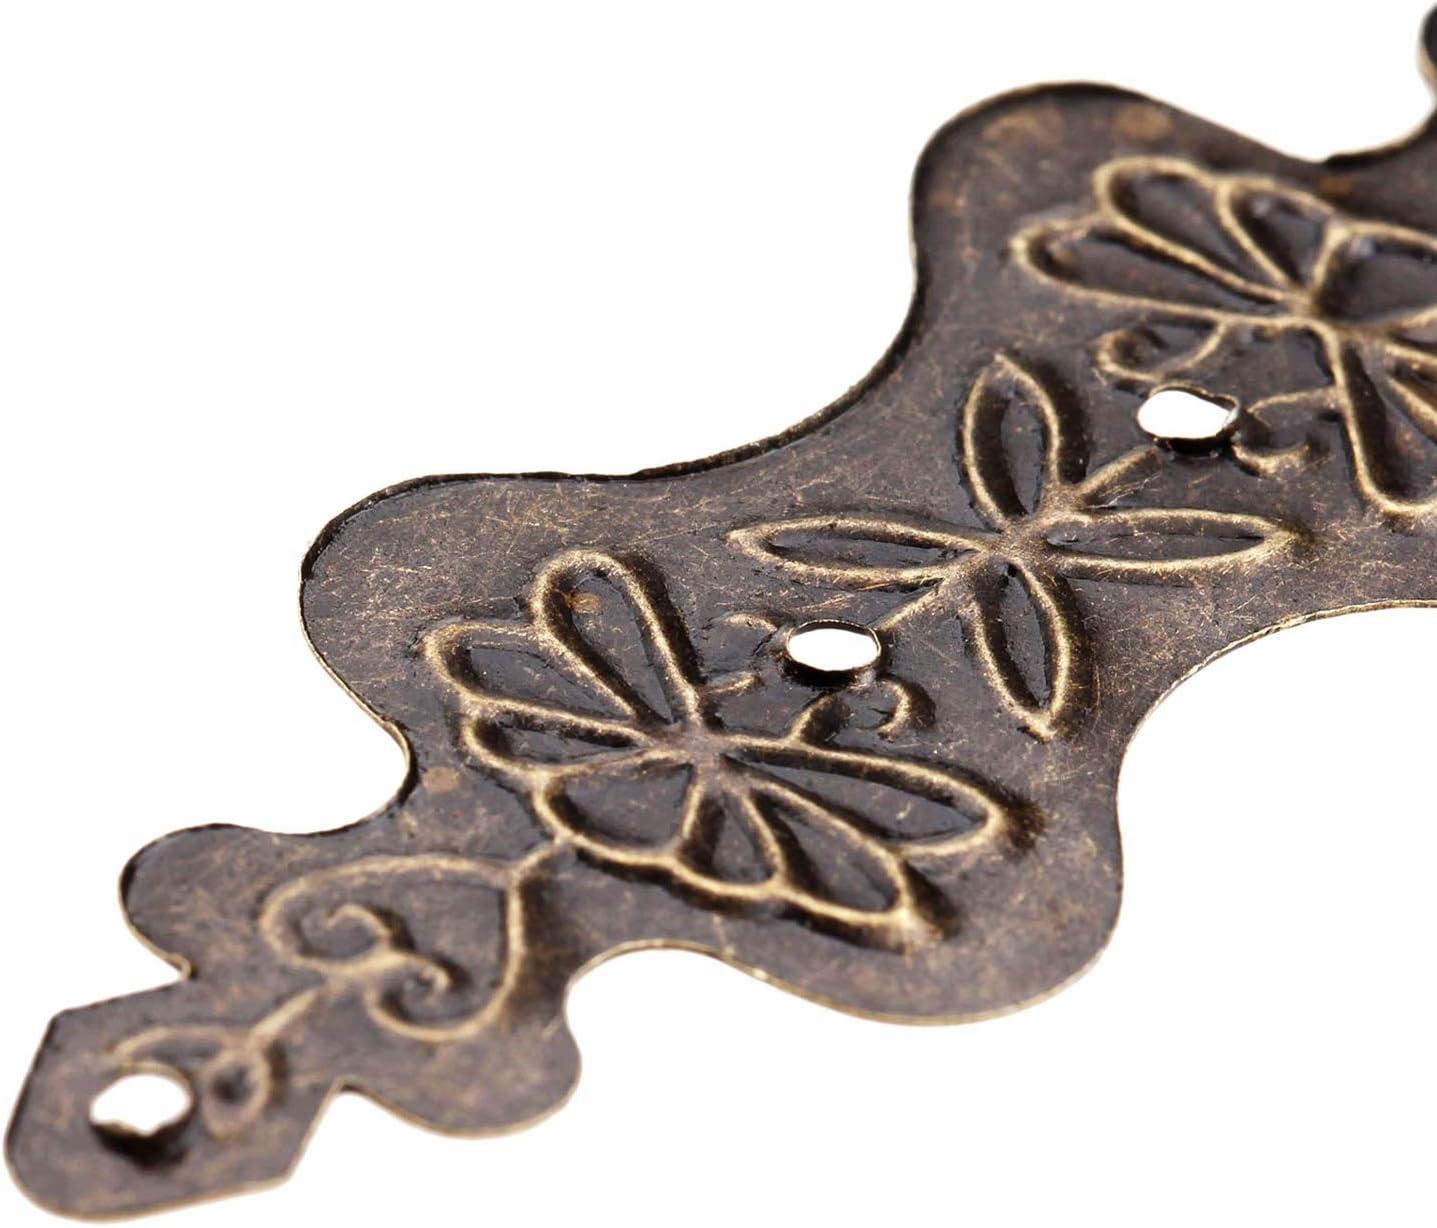 20pcs 56 NO LOGO FMN-Home 20 mm D/écoration dangle Support Antique Jewelry Box en Bois Pied de Jambe dangle Protector Artisanat Meubles Articles de Fer Raccords